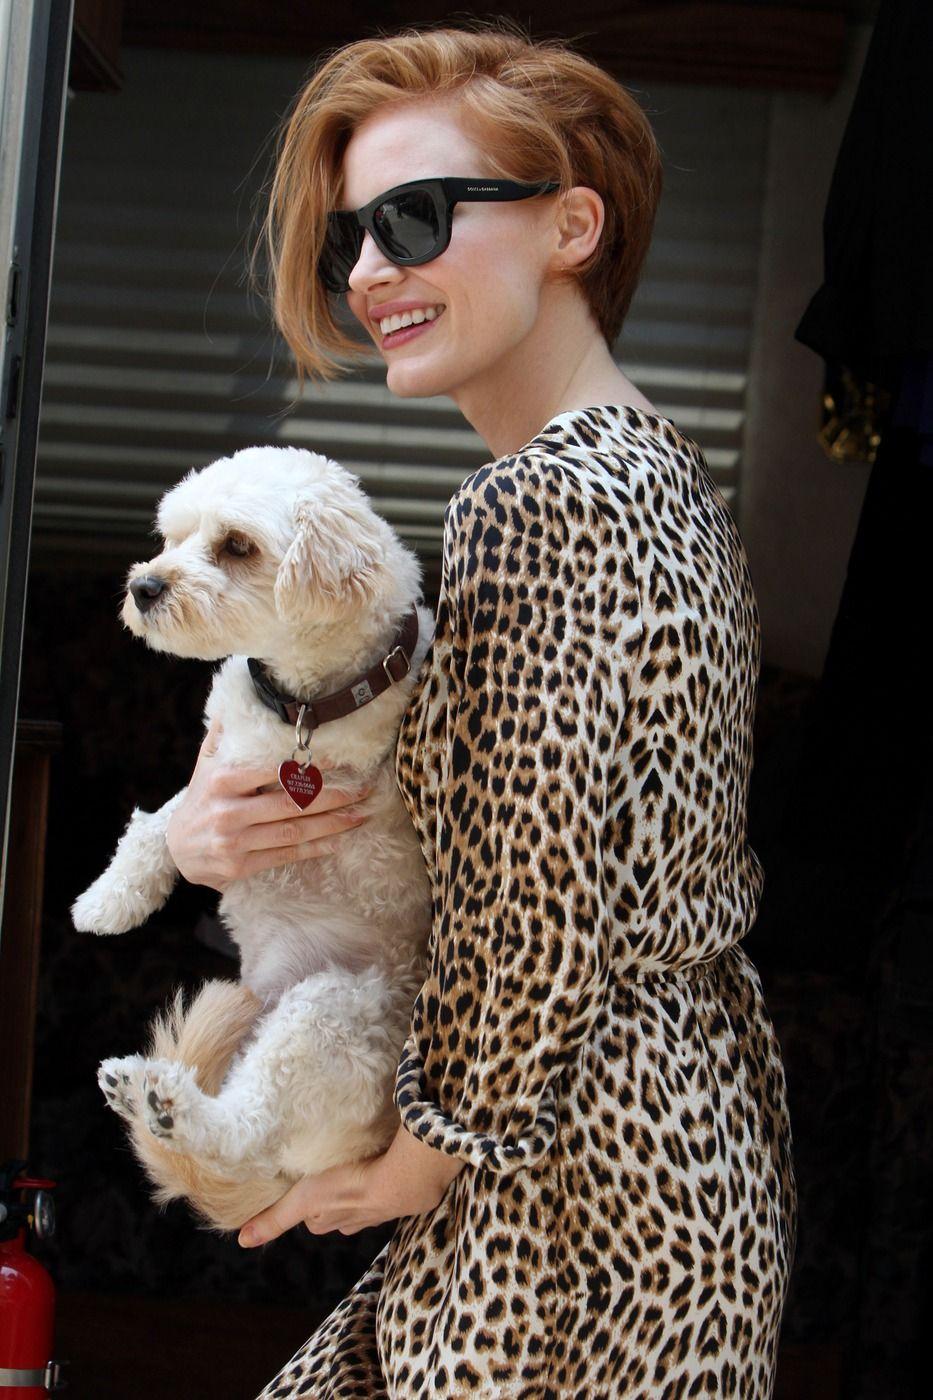 Jessica Chastain ôm chó cưng đi dạo trên đường phố New York với chiếc đầm họa tiết da động vật và kính mát đen